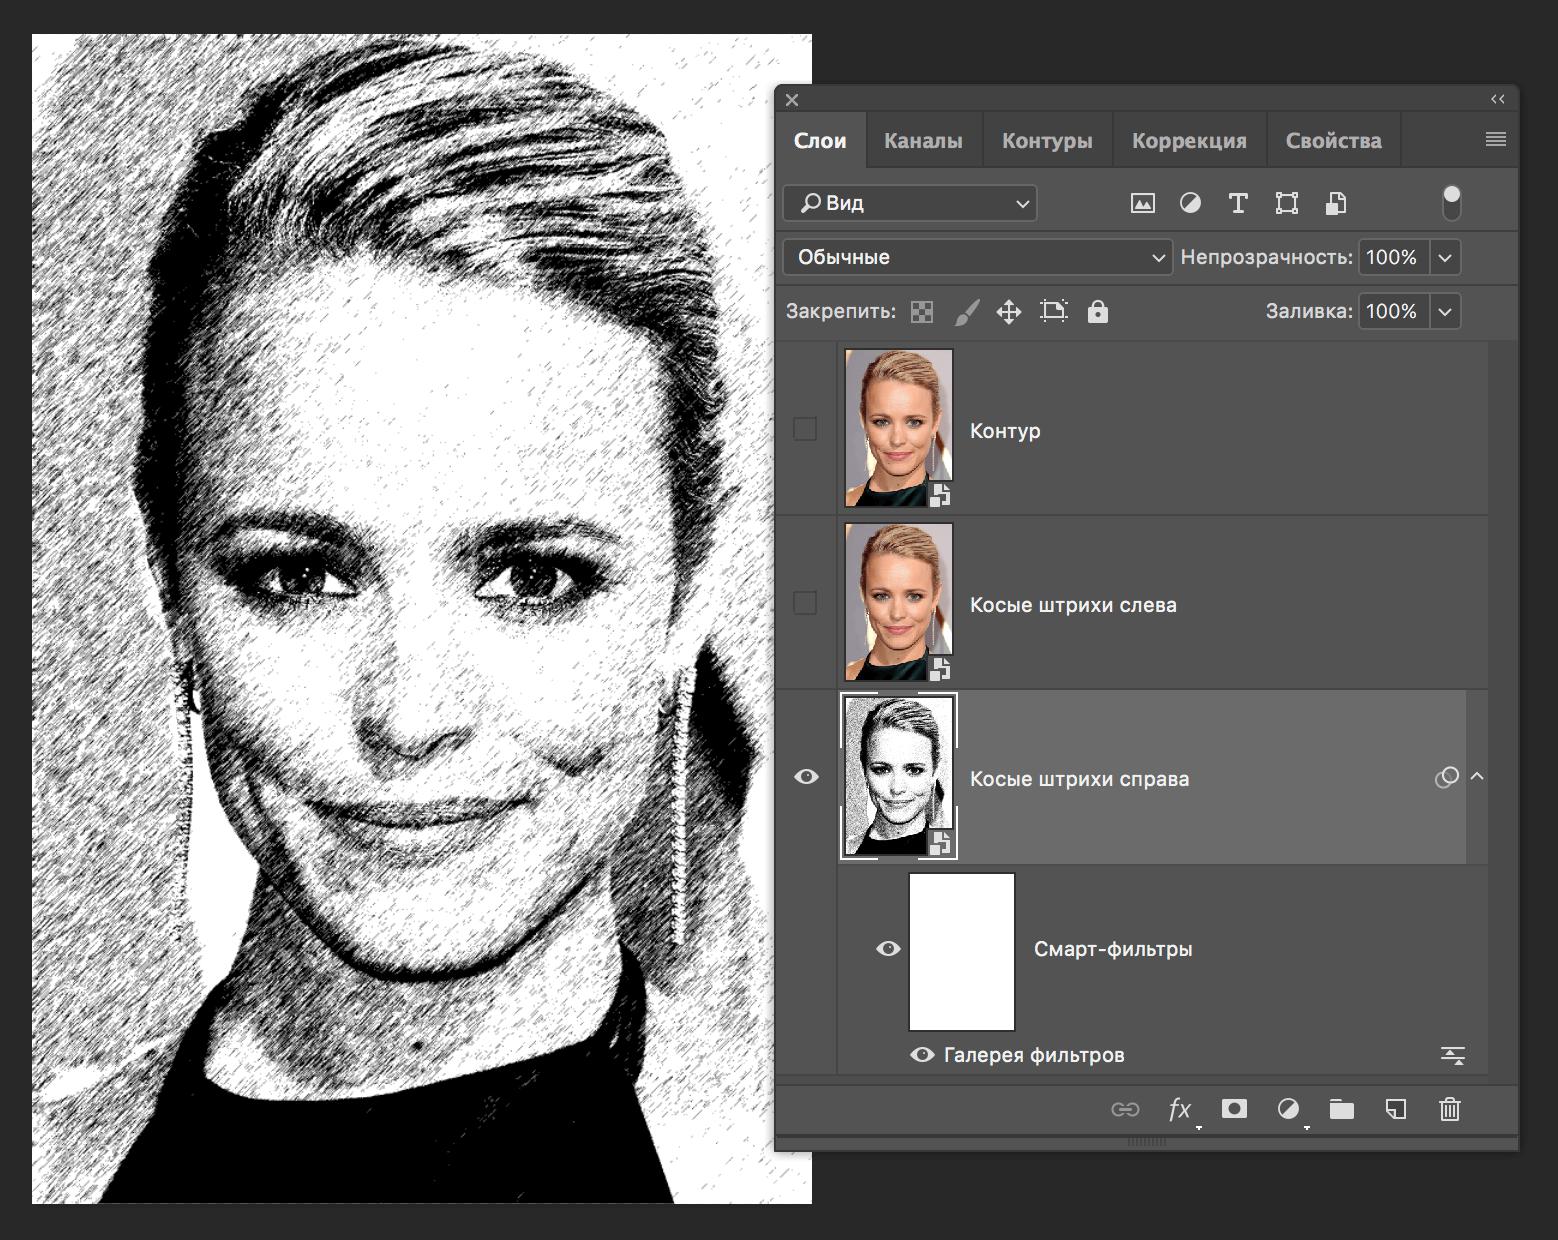 Эффект Карандашный рисунок в Photoshop